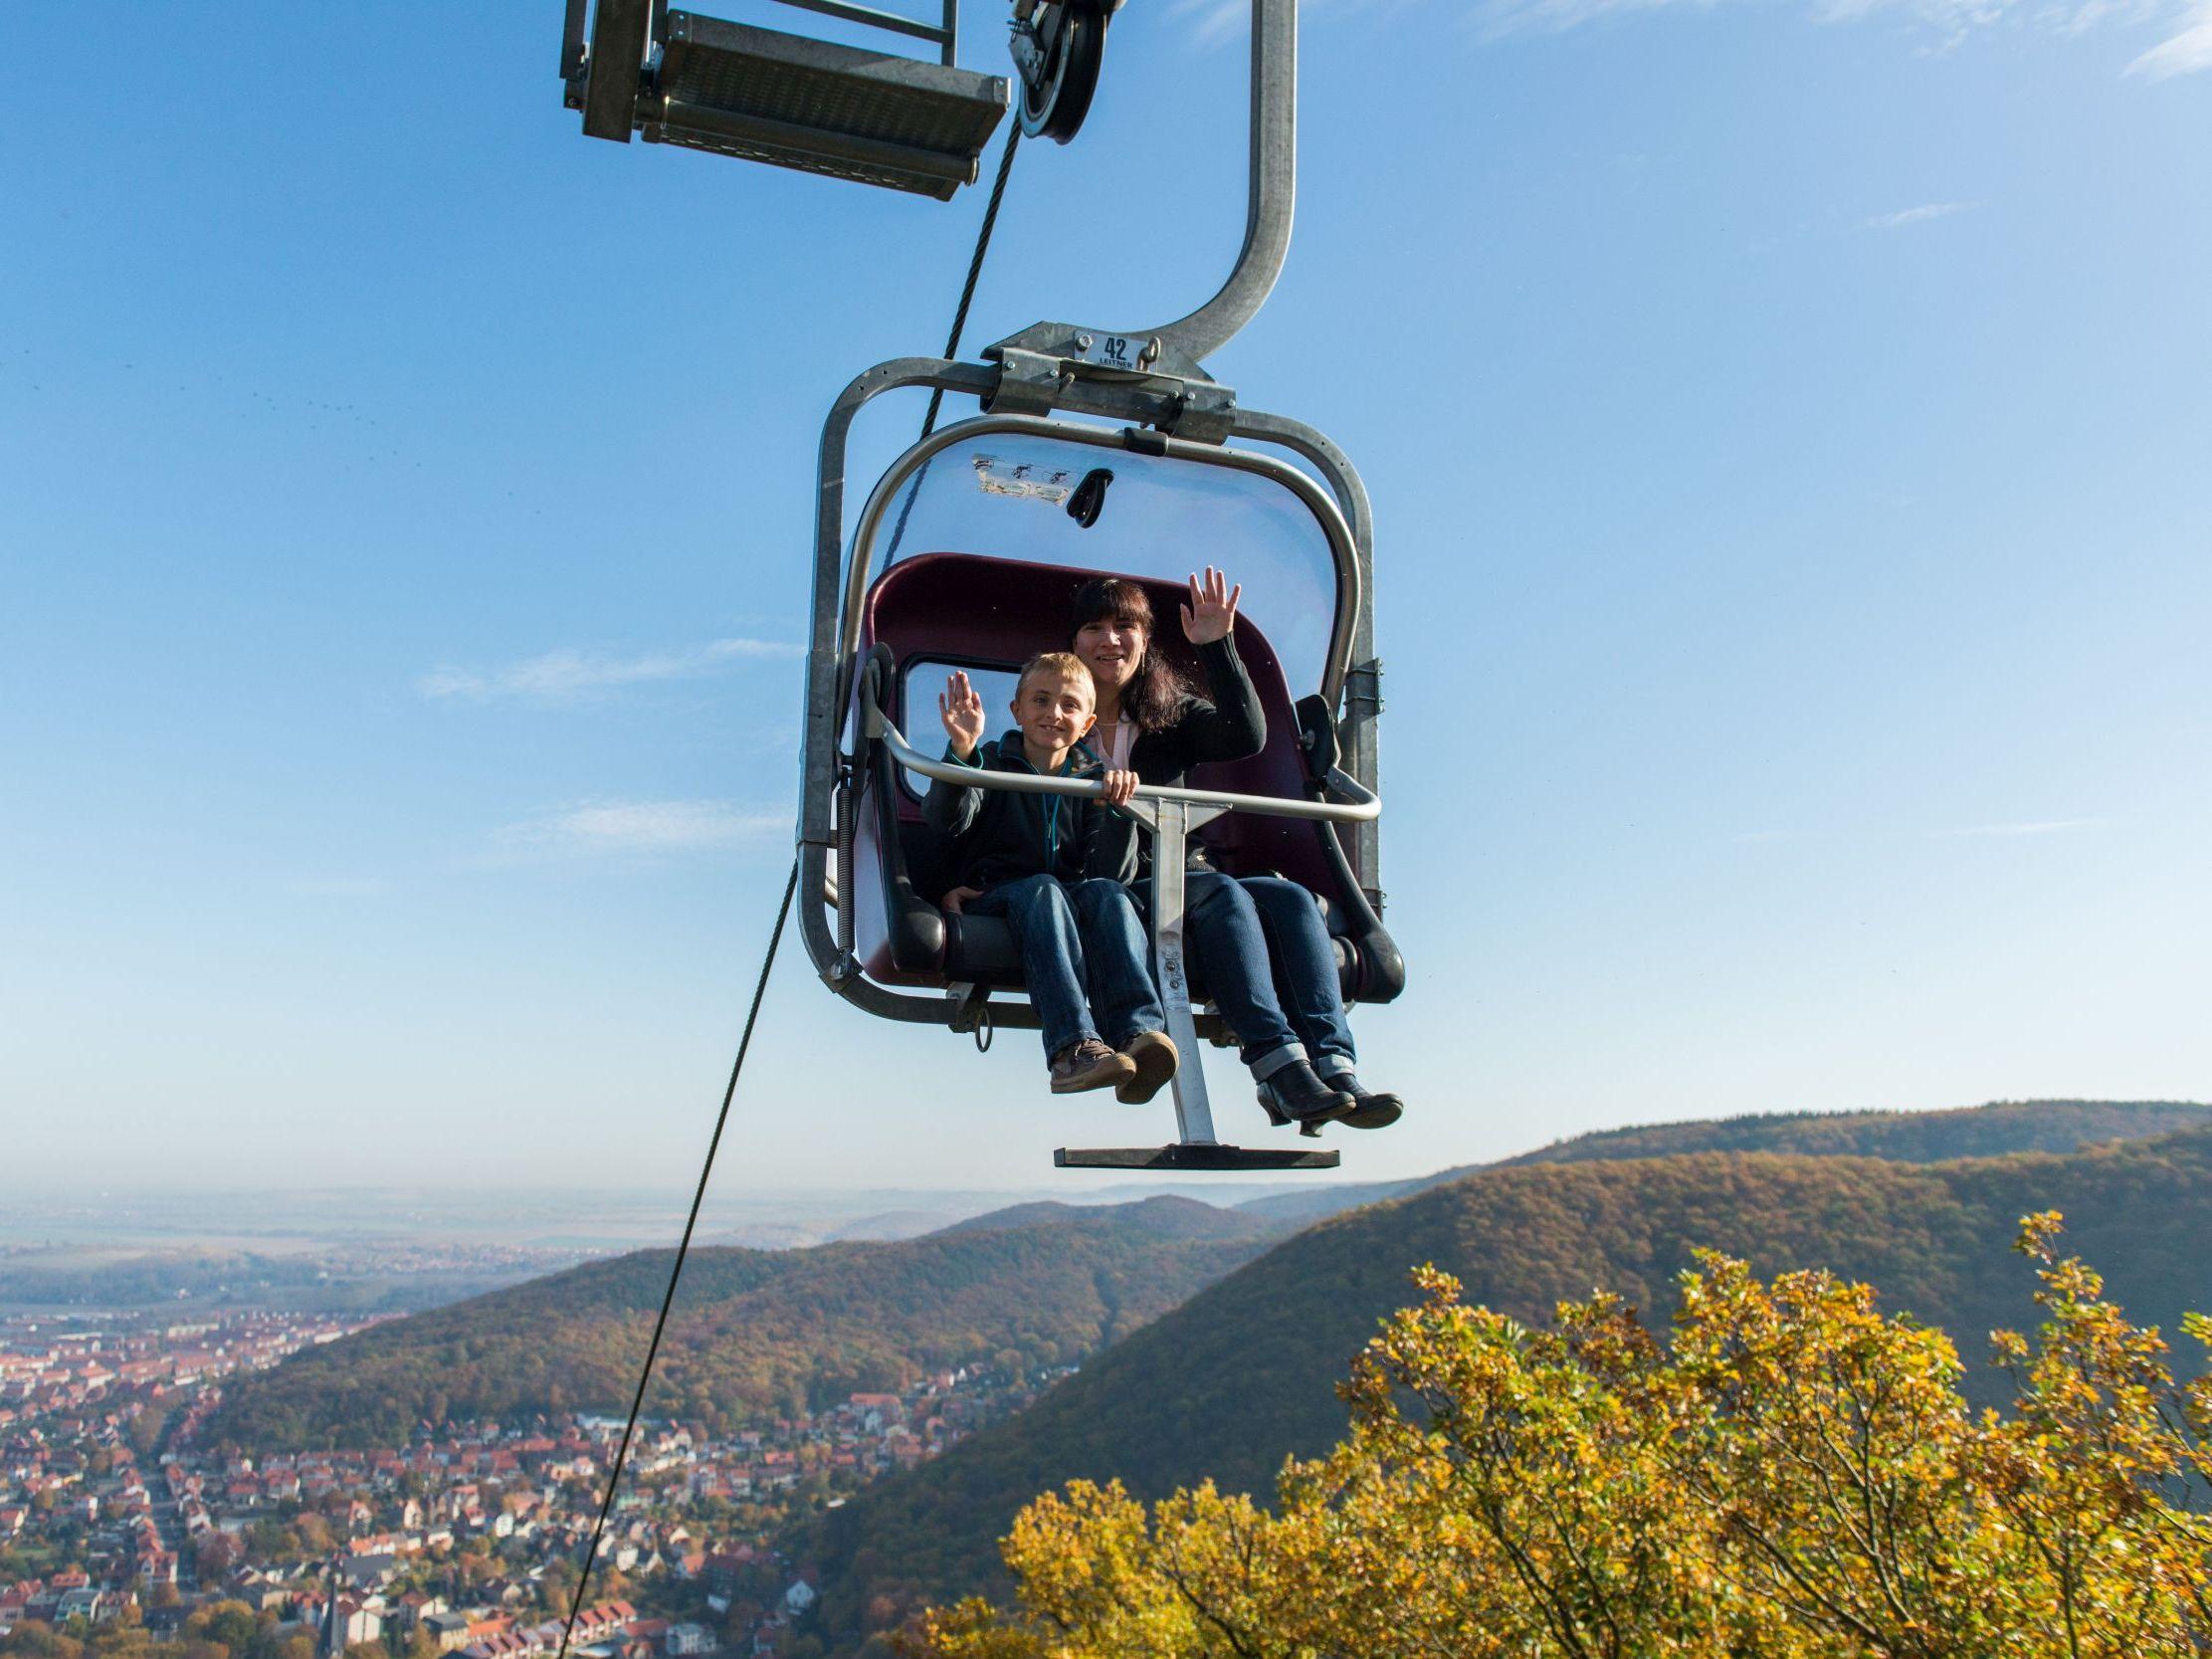 Seilbahnen Thale Erlebniswelt   Harzer Tourismusverband e.V.